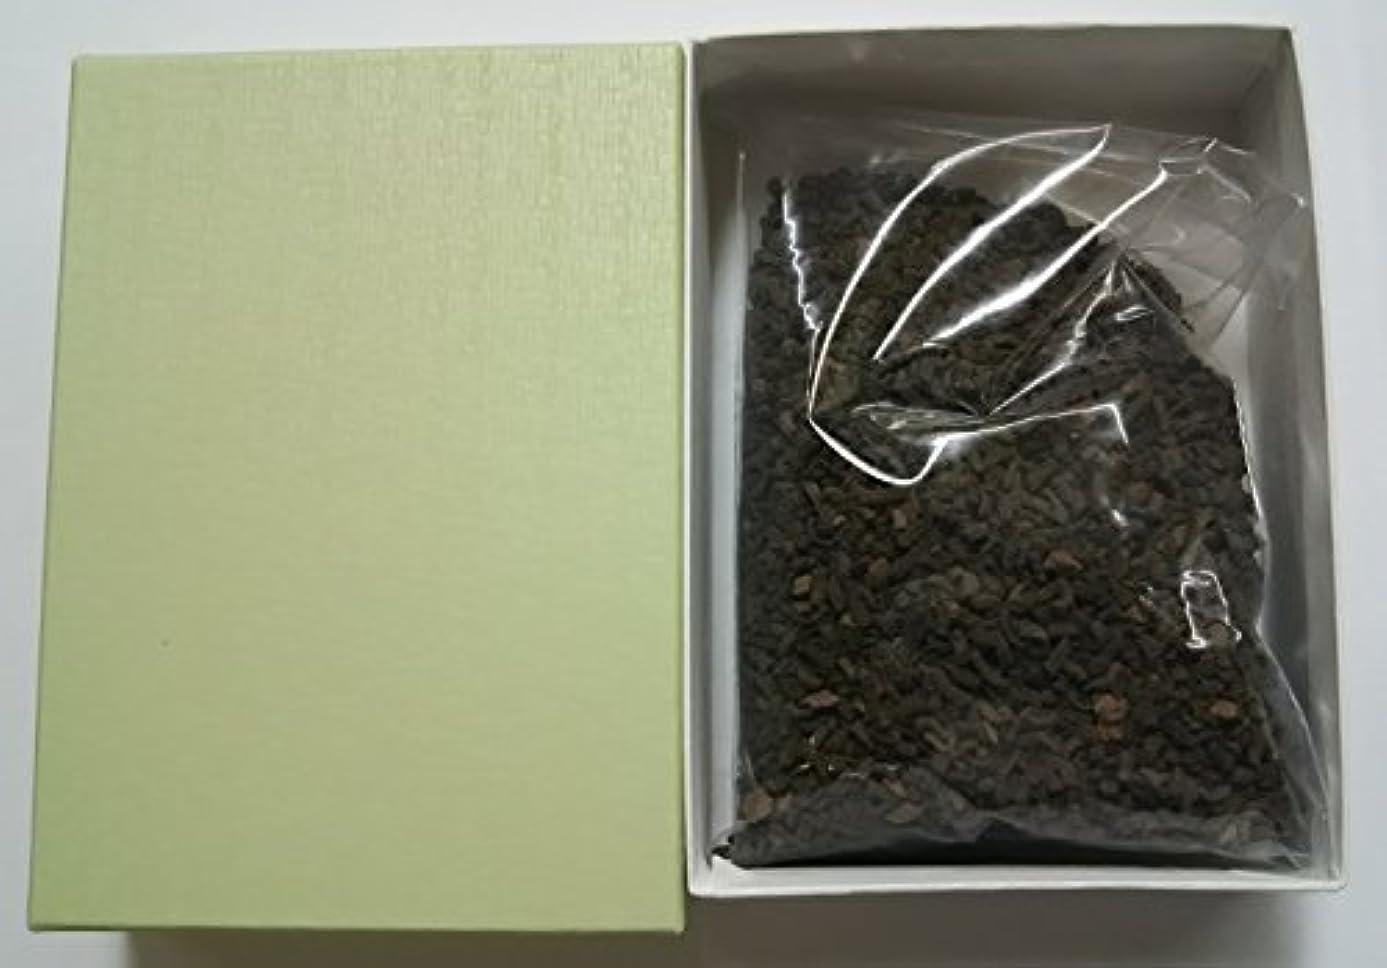 秘密のファンタジー生じる煙の少ない黒沈香木 G89 高級お香 お焼香用 けむりの少ないお香 お焼香 agarwood